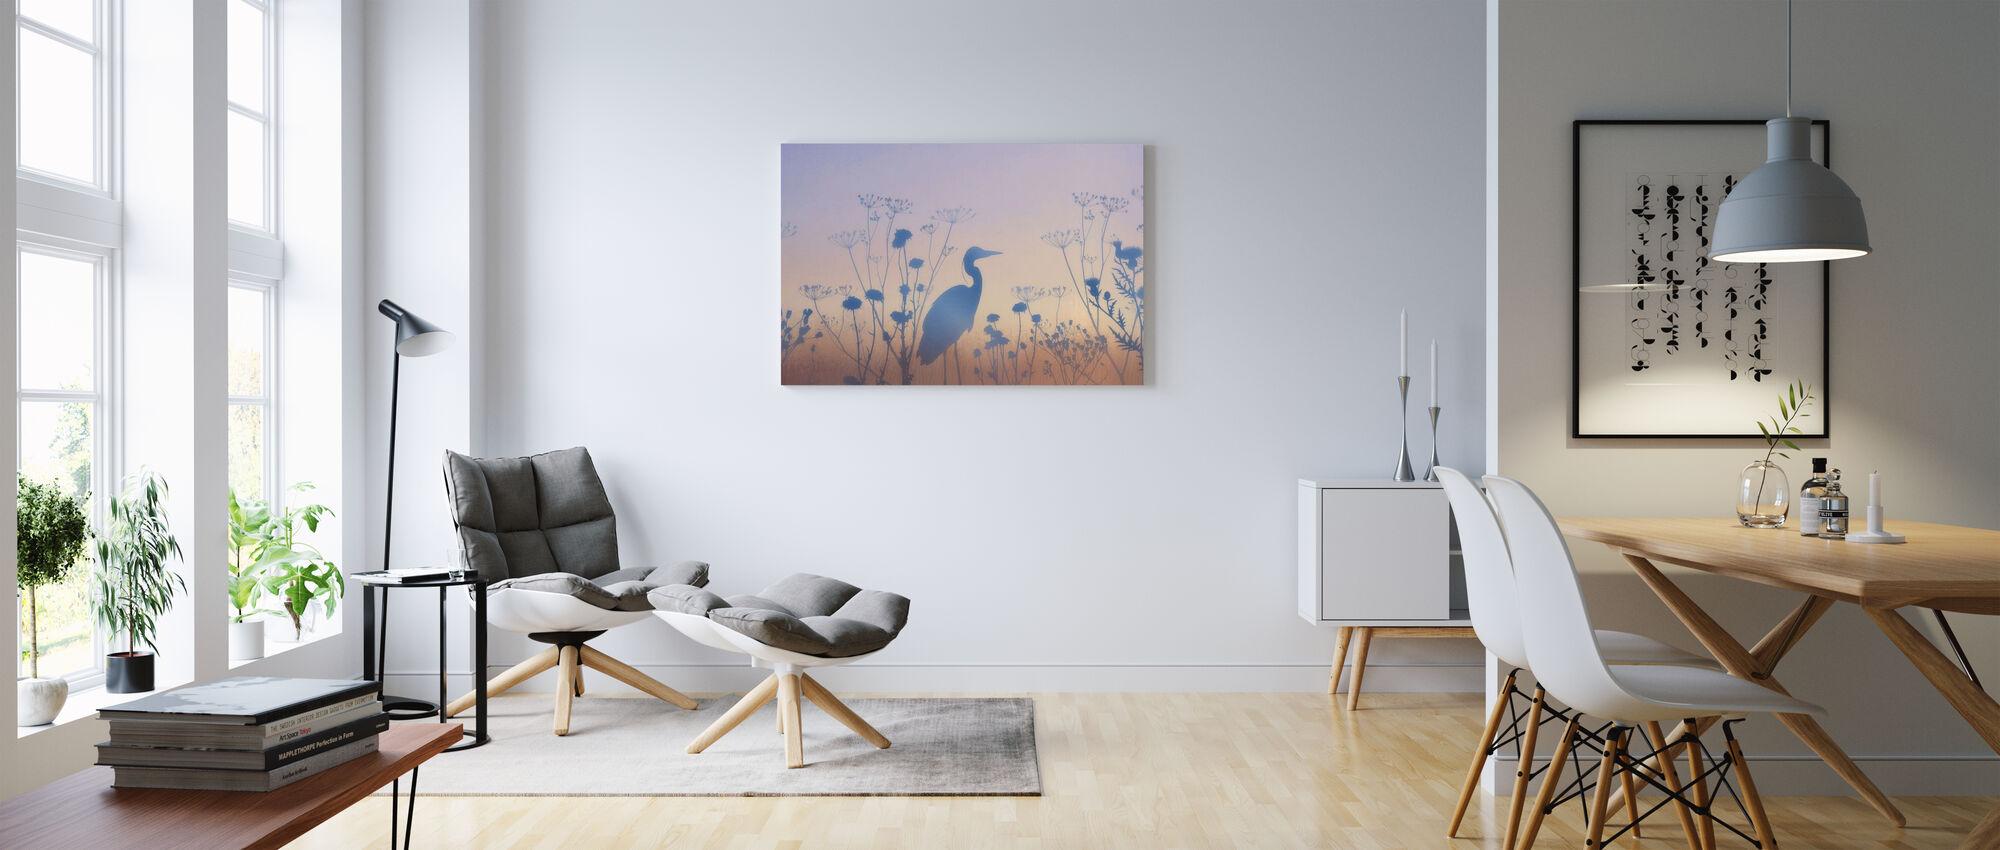 Sininen Dawn siluetteja - Canvastaulu - Olohuone